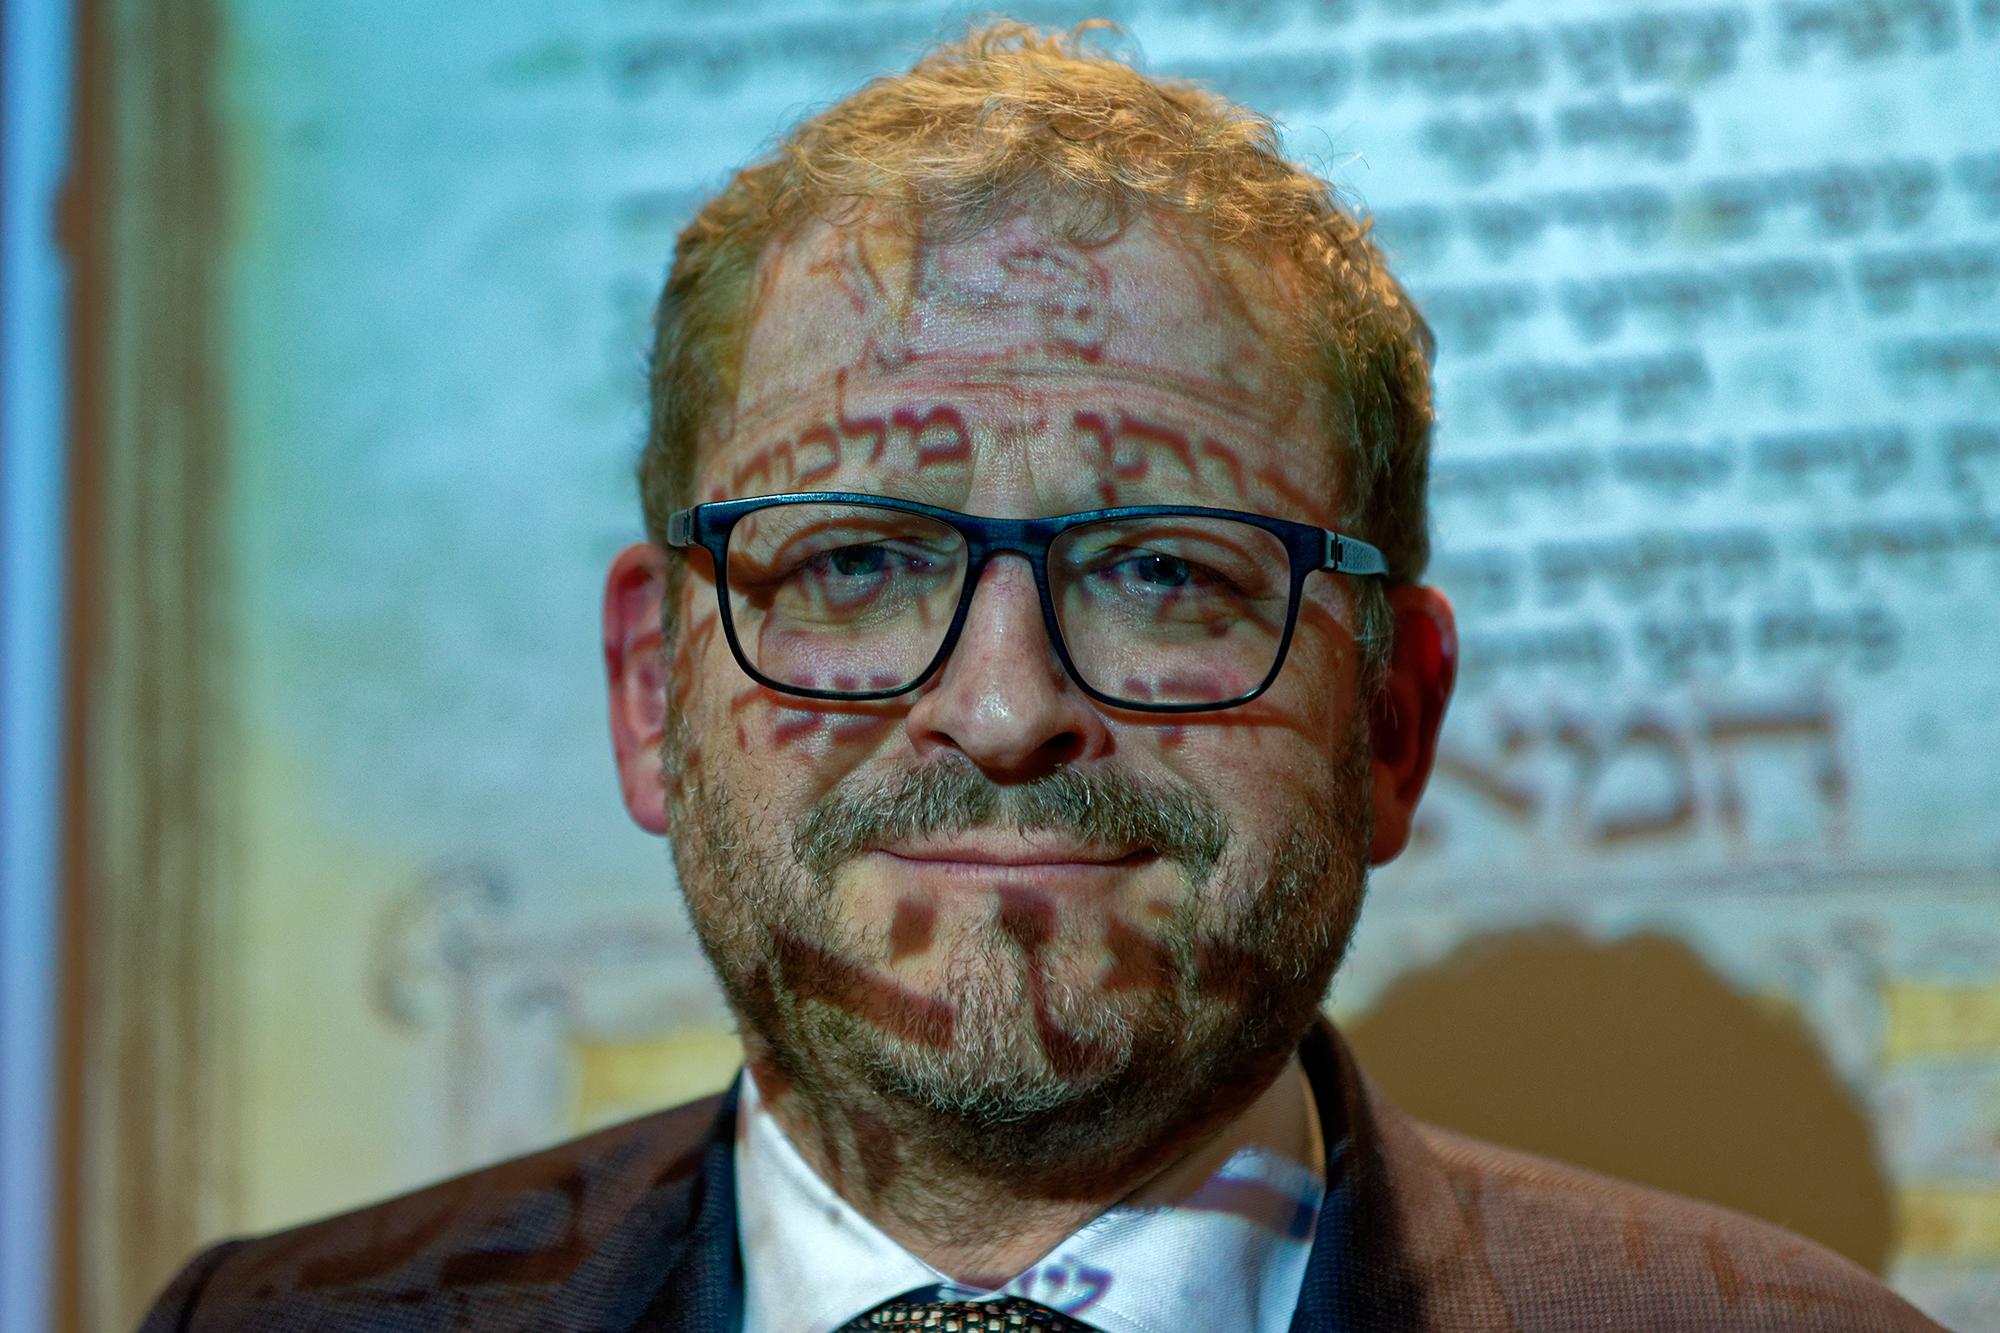 Prof. Emile Schrijver im Anschluss an die Vorstellung des Machsor im Licht des Beamers